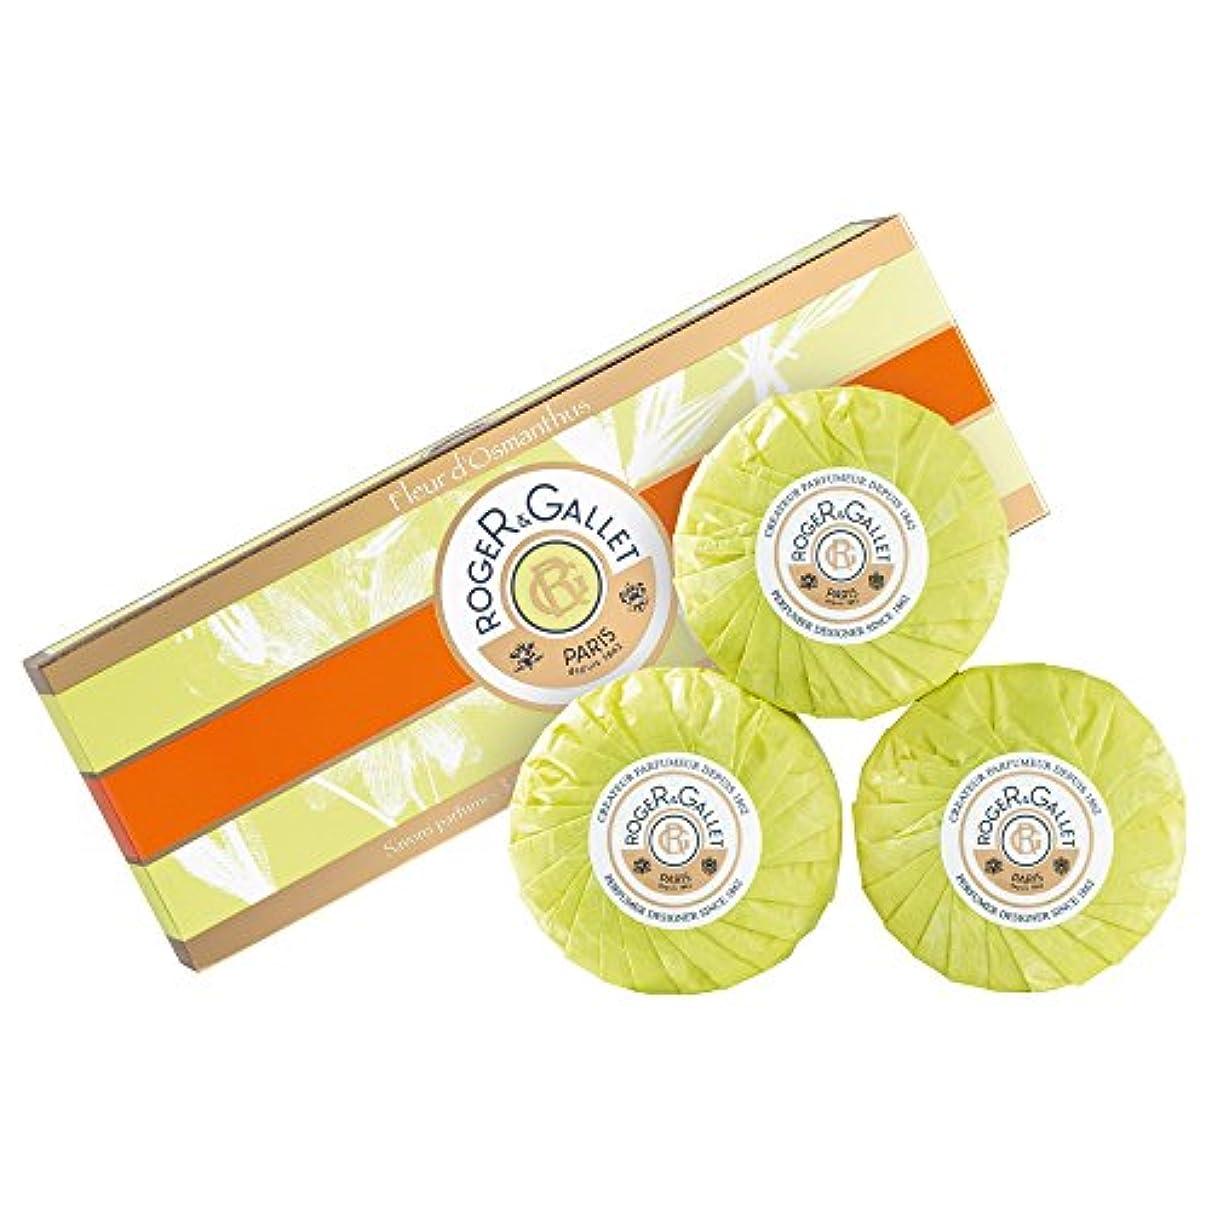 広告主尊敬ホイストロジャー&Galletのフルールドールキンモクセイソープコフレ3つのX 100グラム (Roger & Gallet) (x6) - Roger & Gallet Fleur d'Osmanthus Soap Coffret...